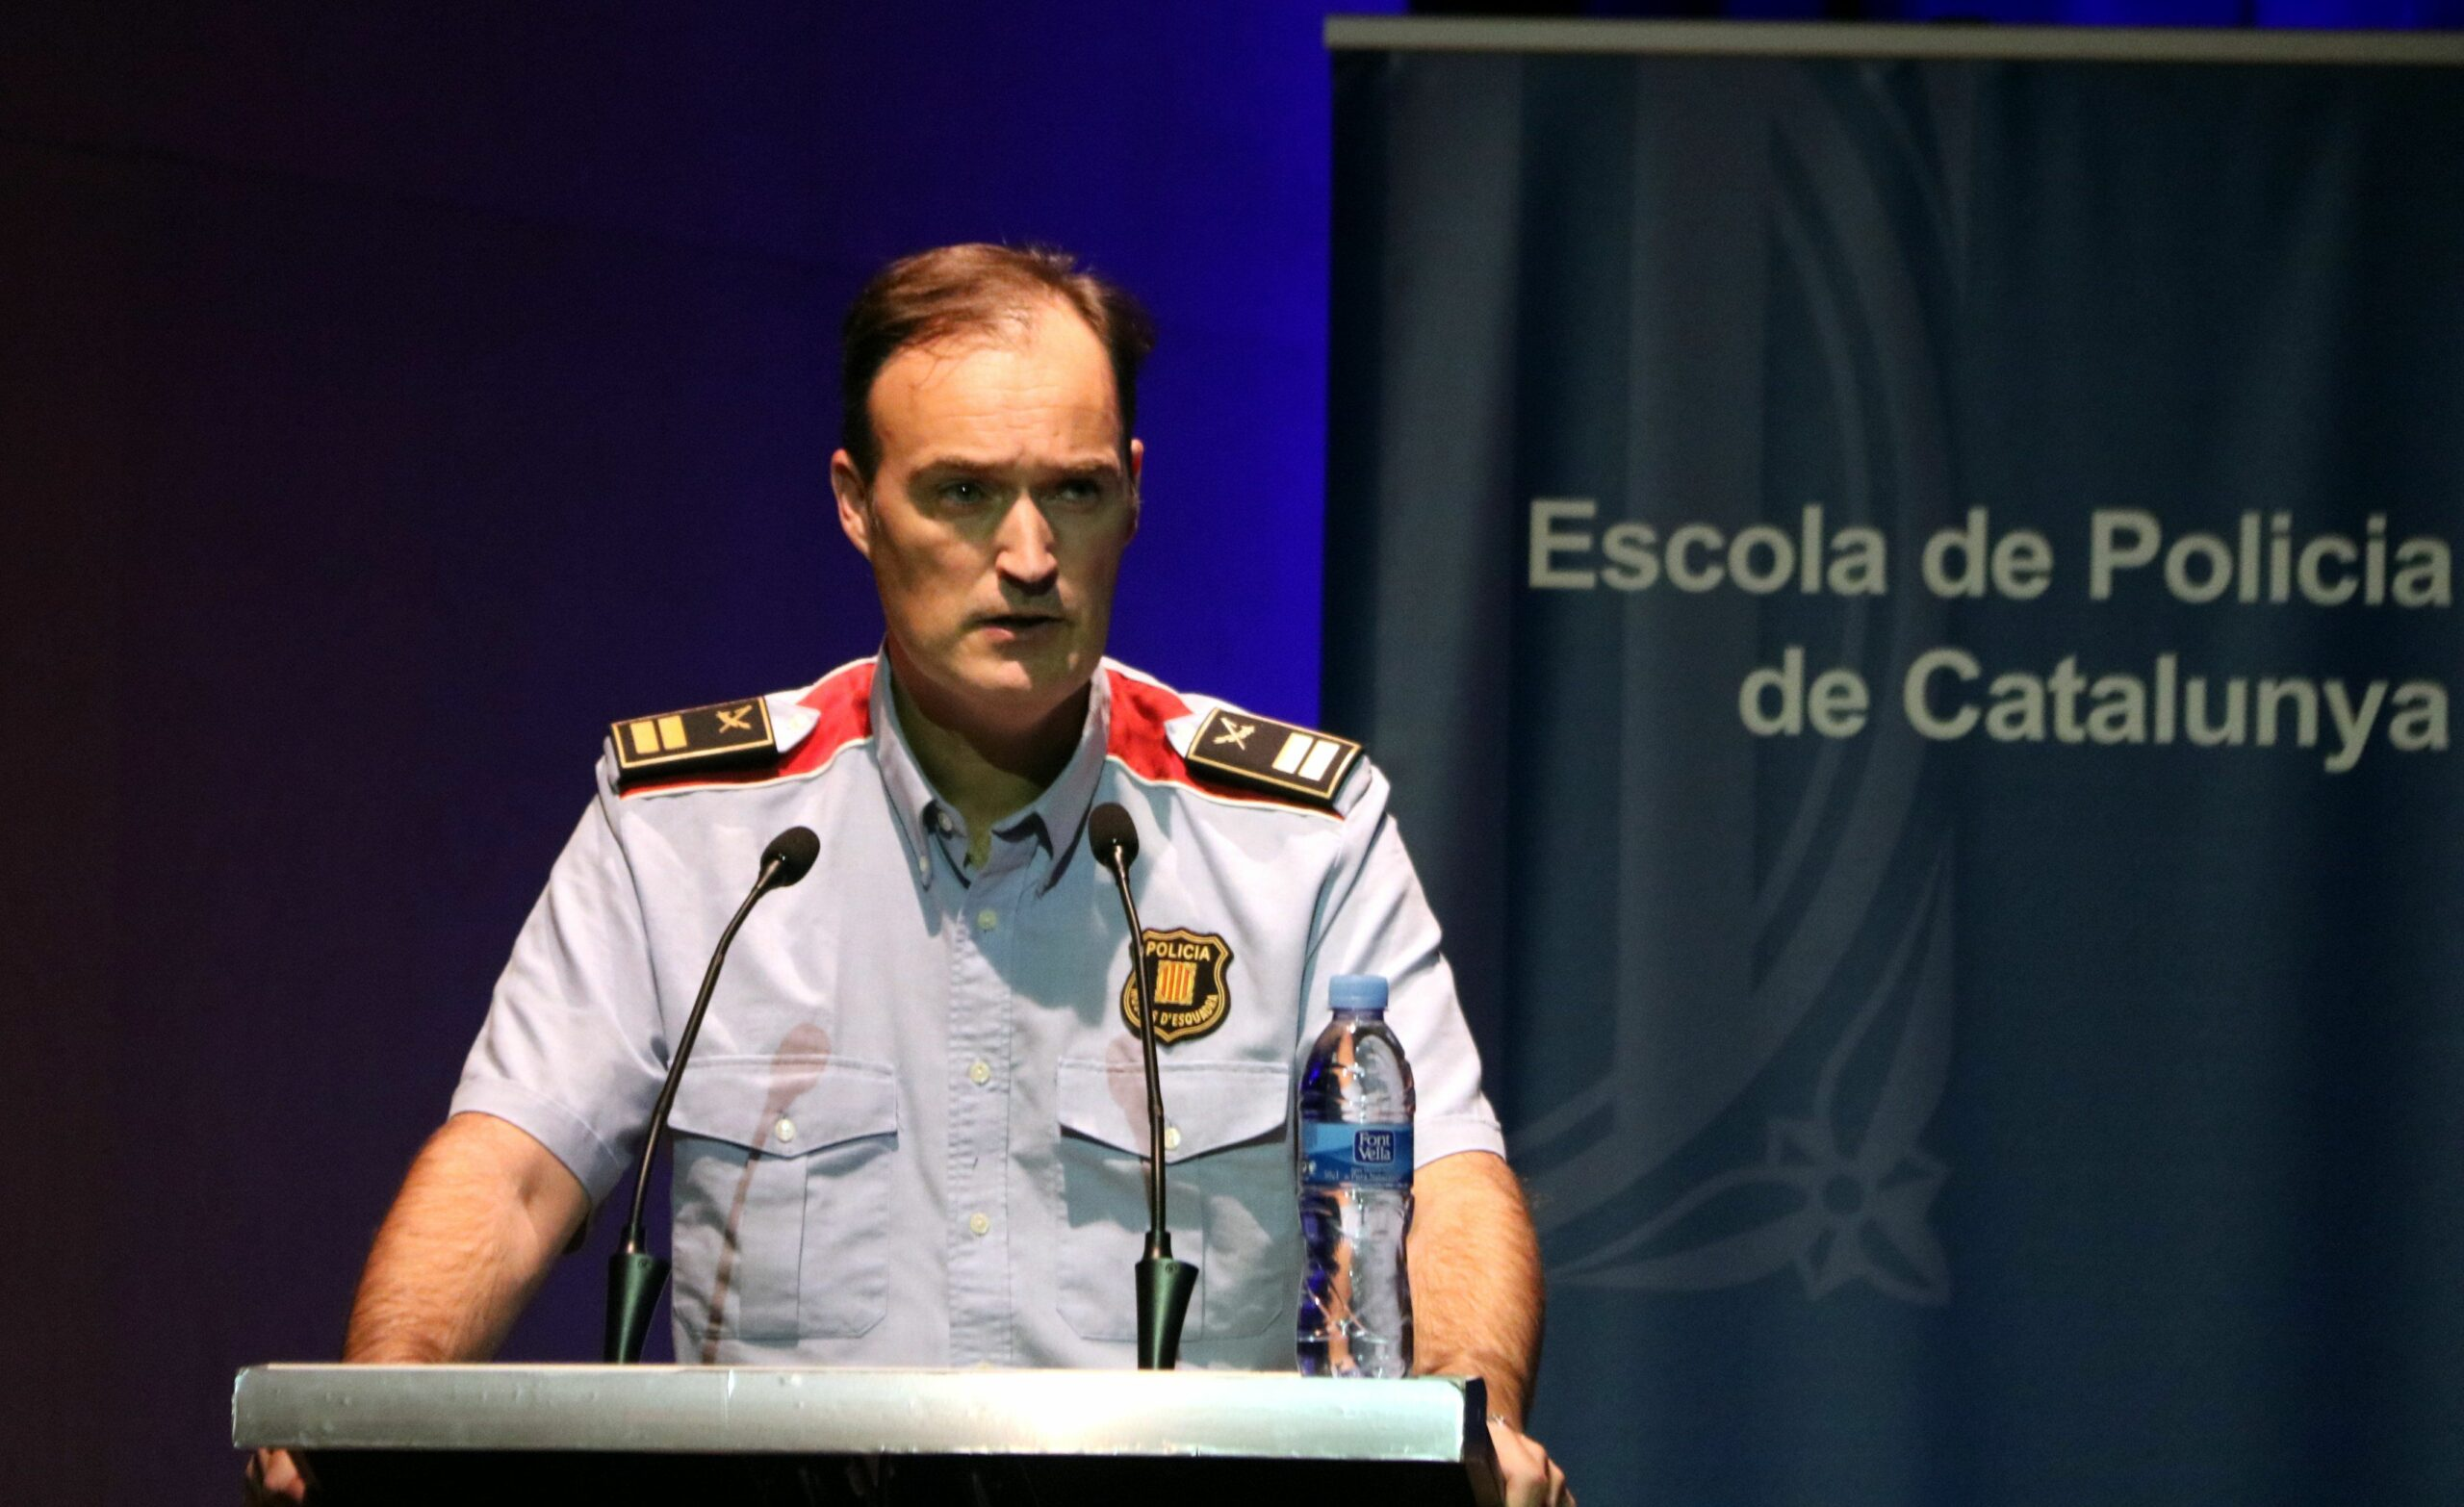 El comissari en cap dels Mossos d'Esquadra, Eduard Sallent